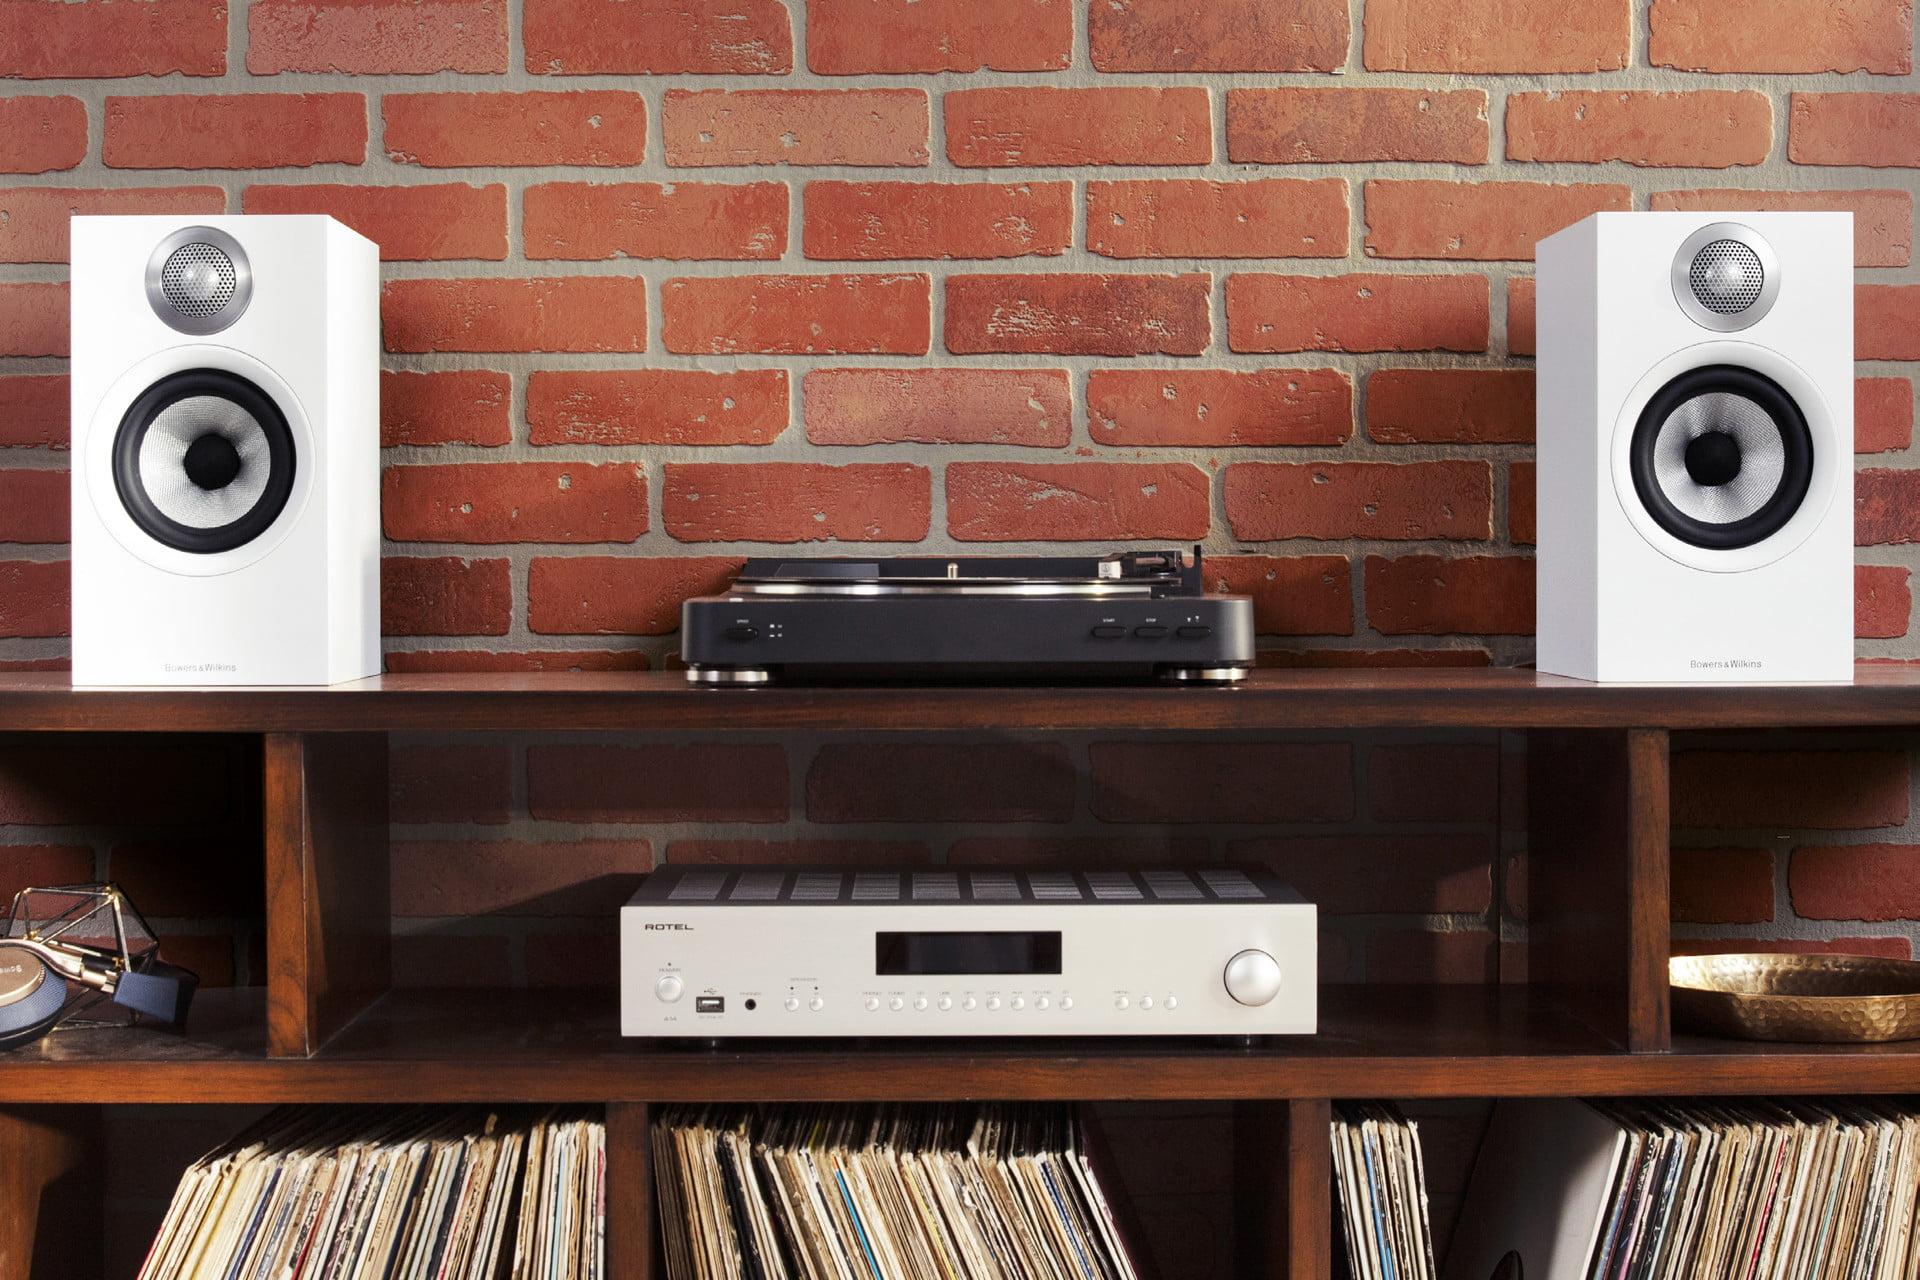 bowers-wilkins-607-speakers.jpg